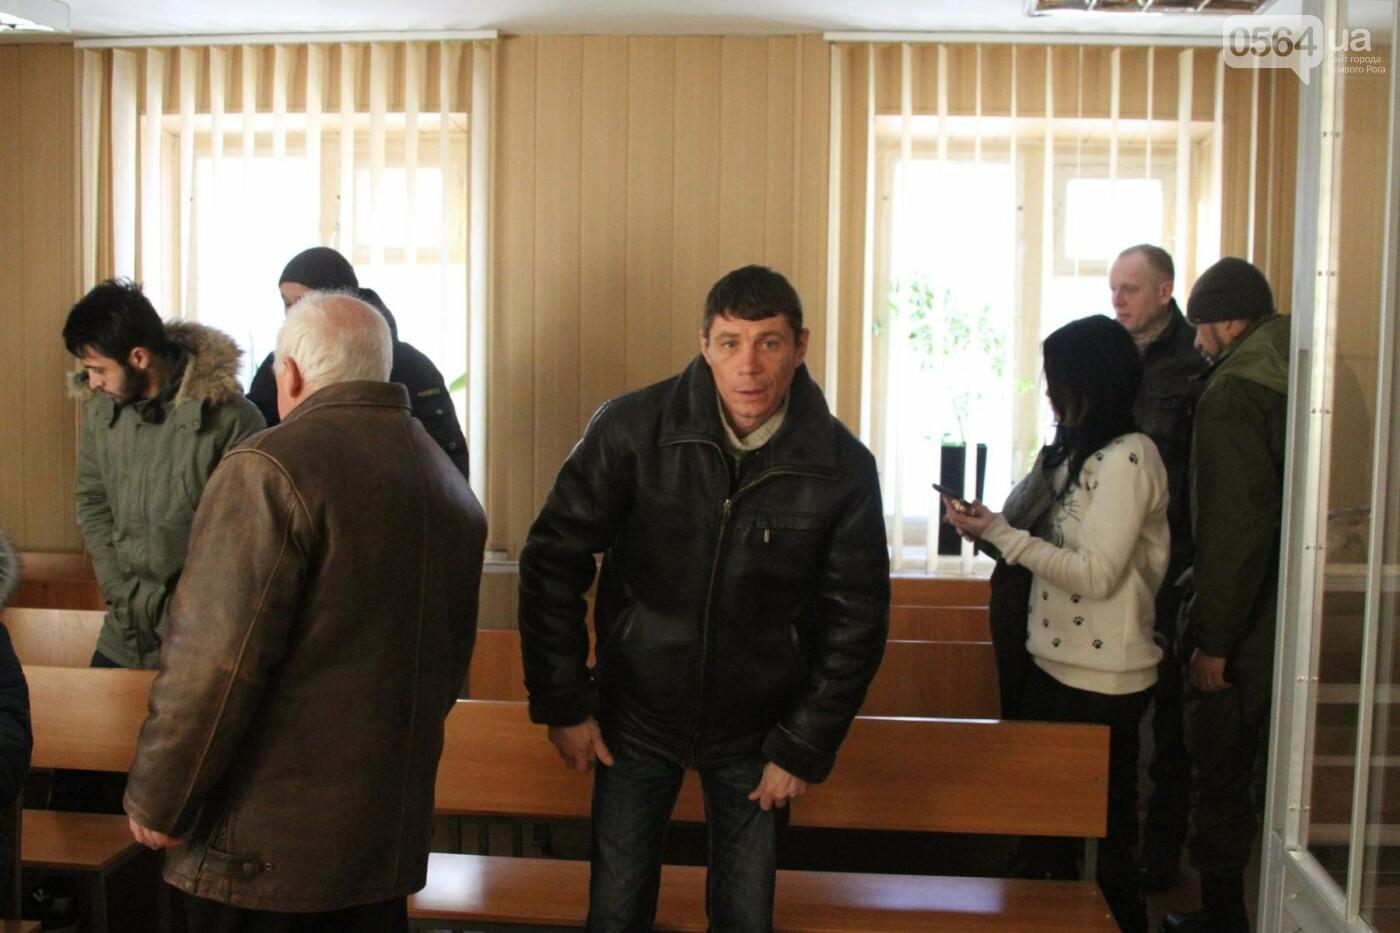 Дело о надругательстве над Флагом в Кривом Роге: Важного свидетеля доставят в суд принудительно (ОБНОВЛЕНО, ФОТО), фото-4